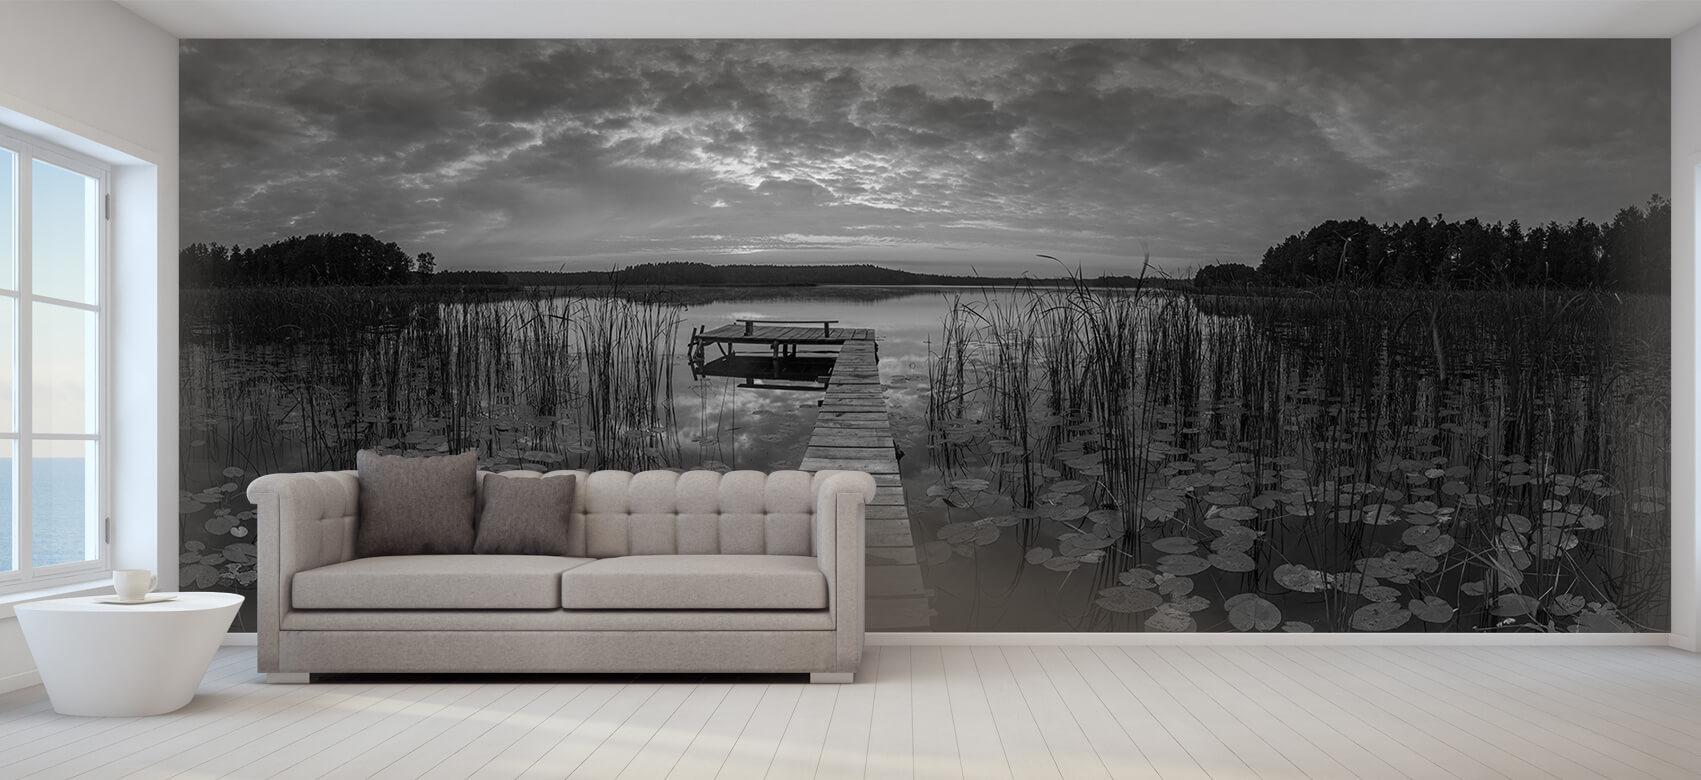 Houten Steigers - Zonsopgang aan het meer - Woonkamer 9